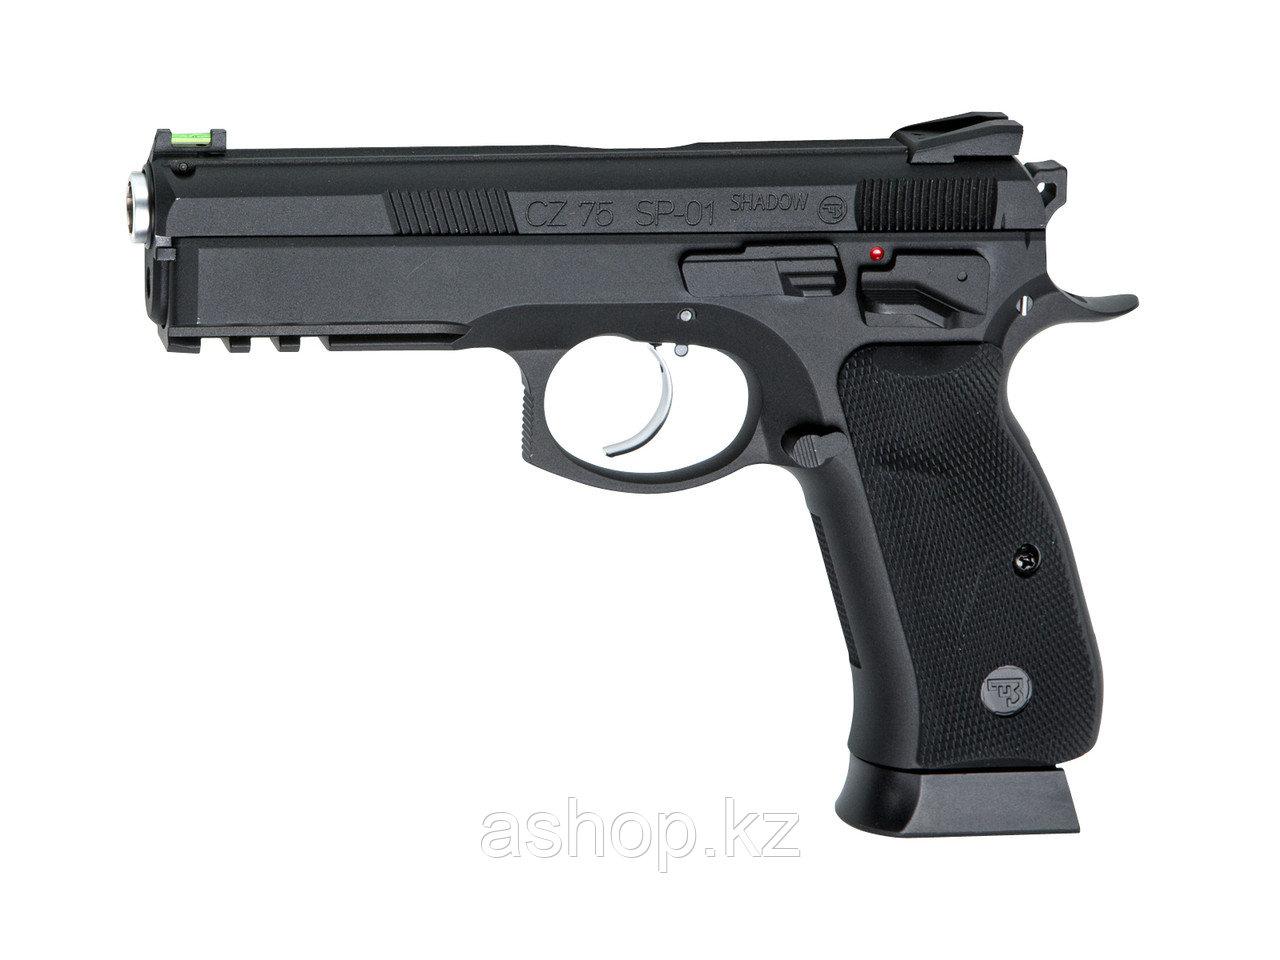 Пистолет пневматический ASG CZ SP-01 Shadow, Калибр: 4,5 мм (.177, BB), Дульная энергия: 1,6 Дж, Ёмкость магаз